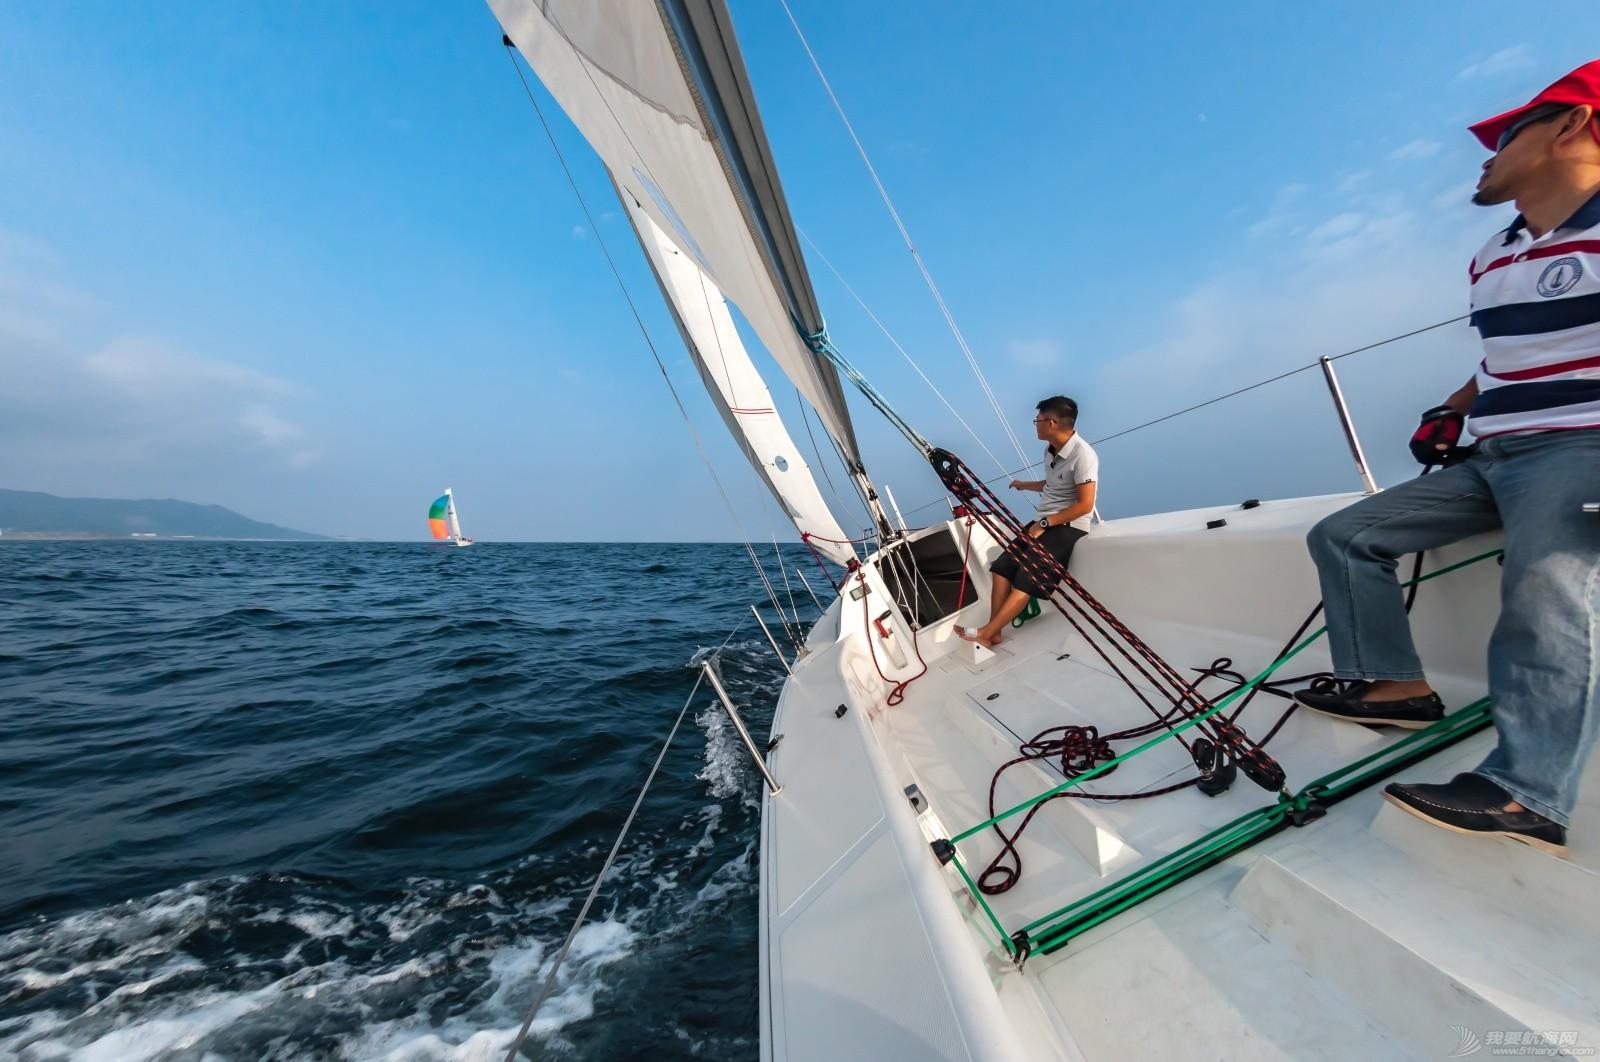 帆船 【2015大鹏杯帆船赛】鱼眼看航海 16031.jpg